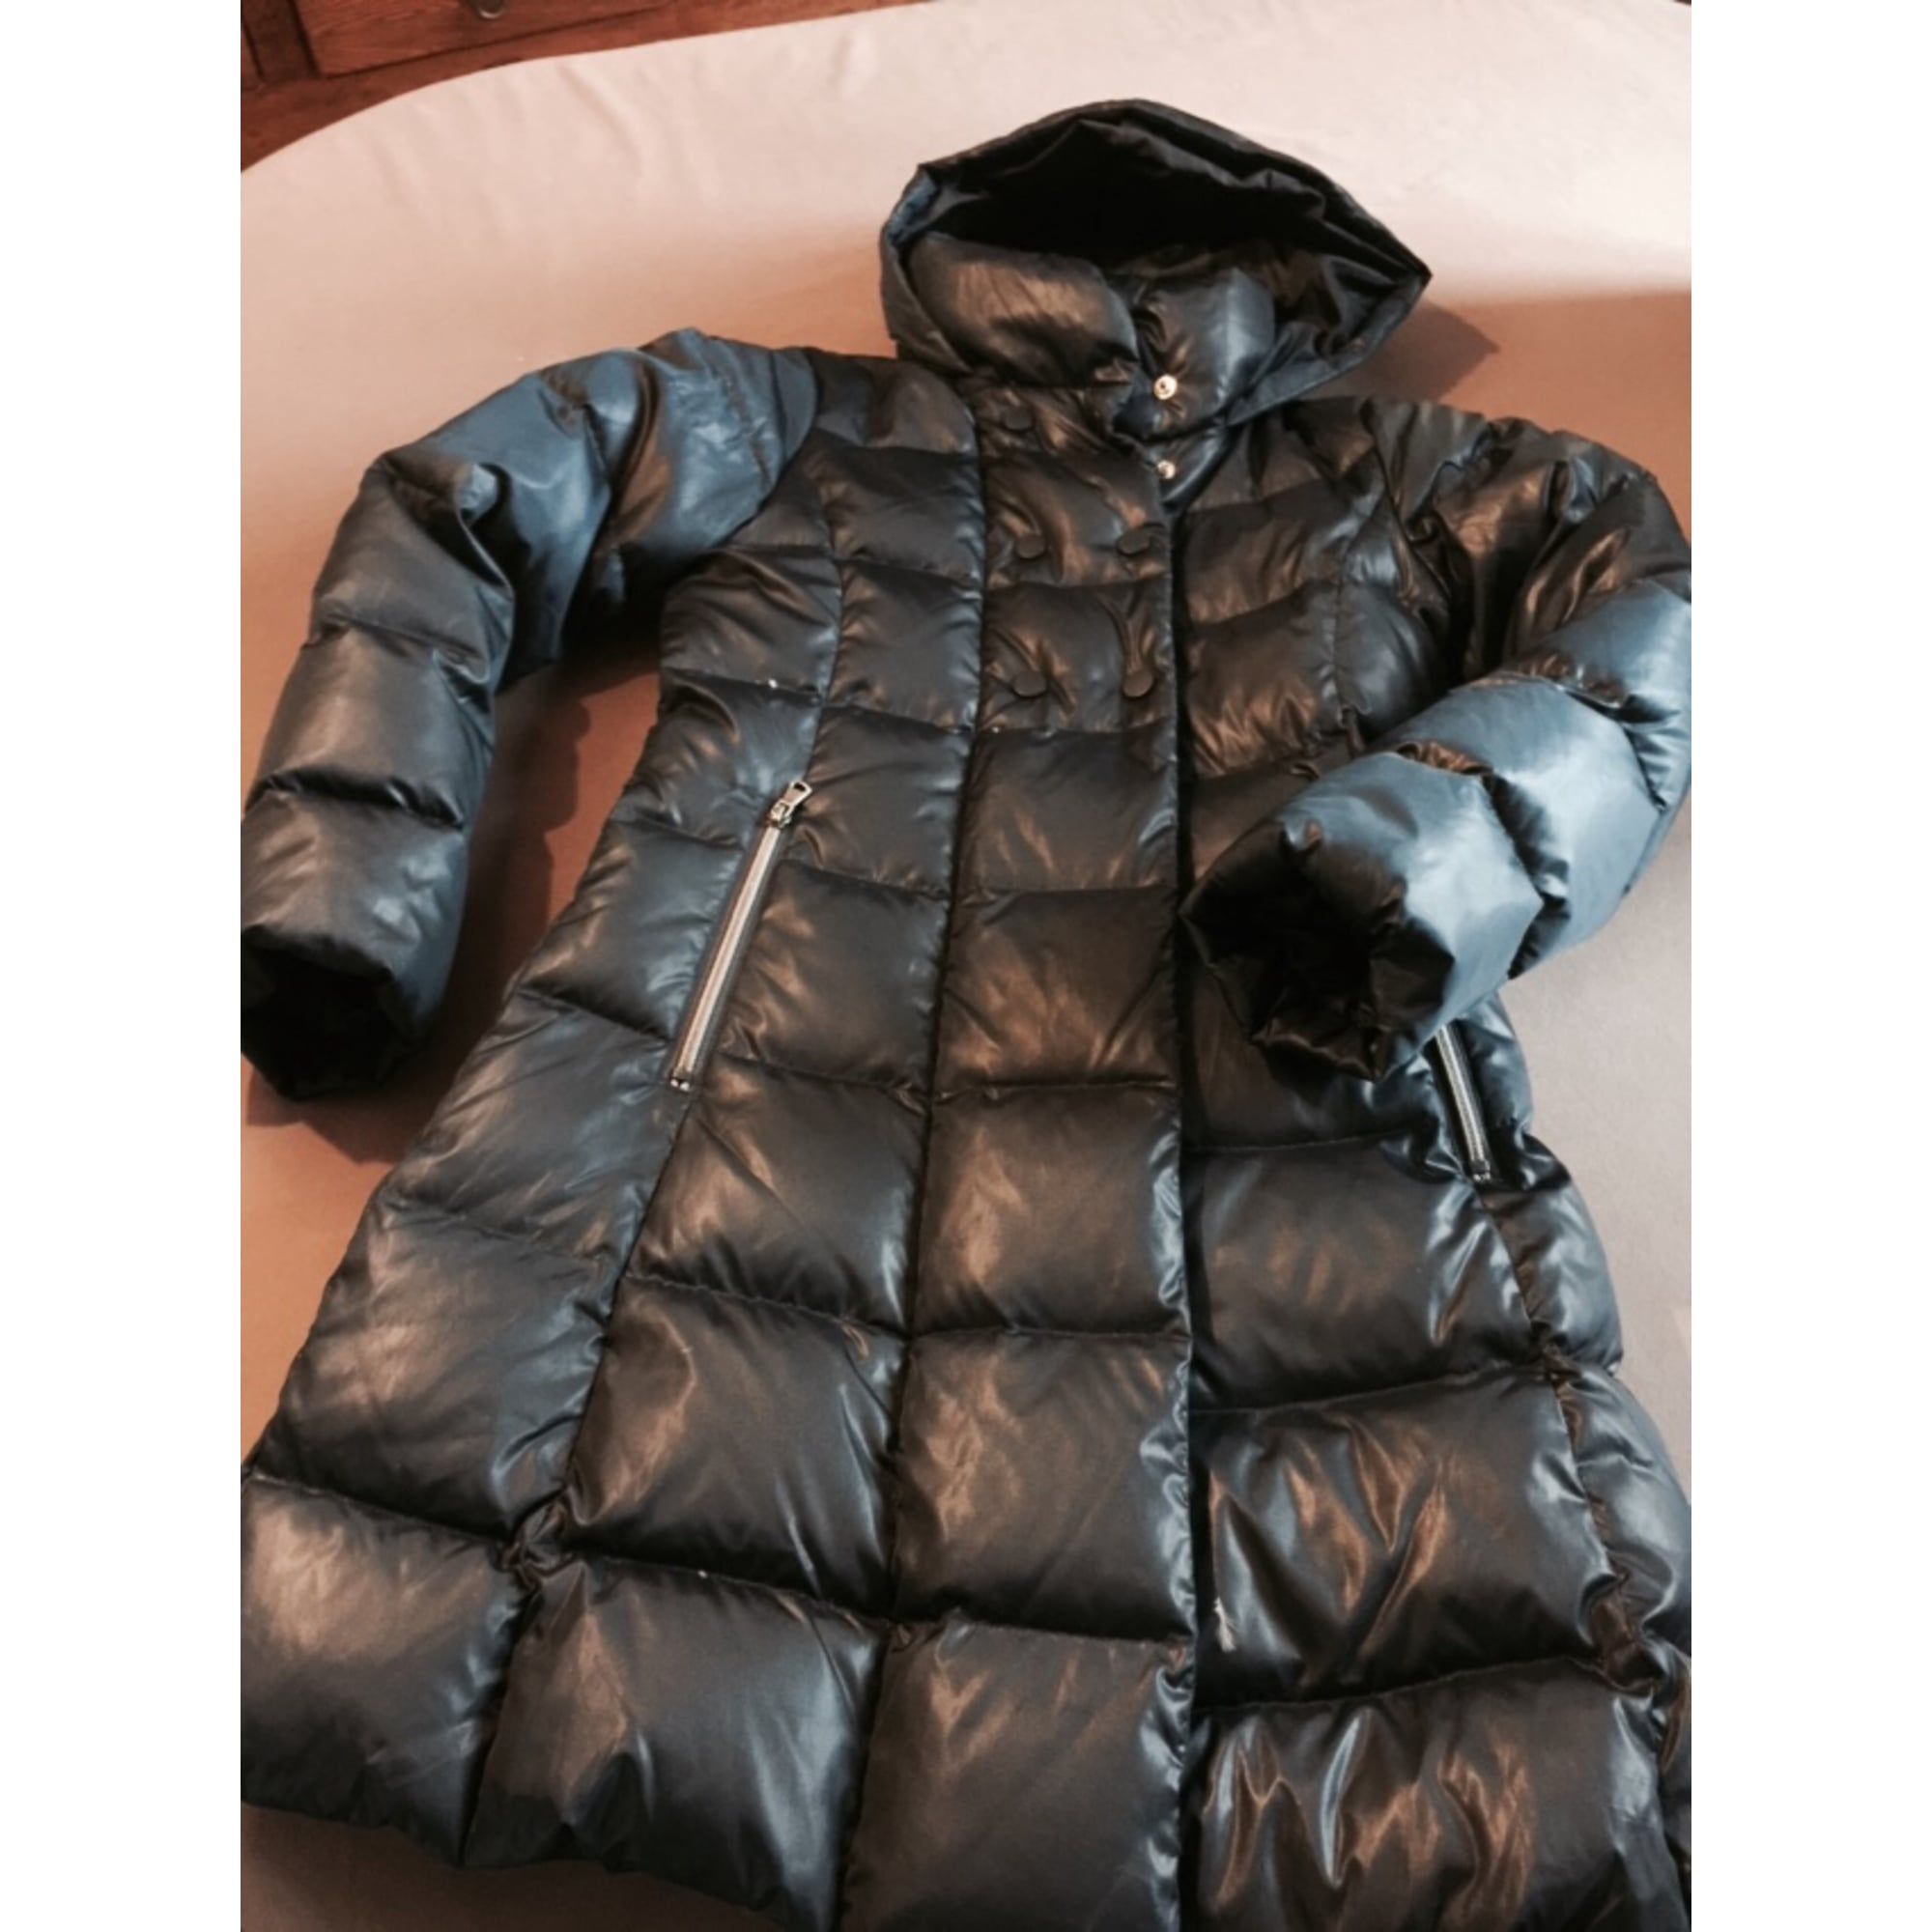 02e0a962713c Doudoune BENETTON 9-10 ans bleu vendu par Kpolo216072 - 6910028